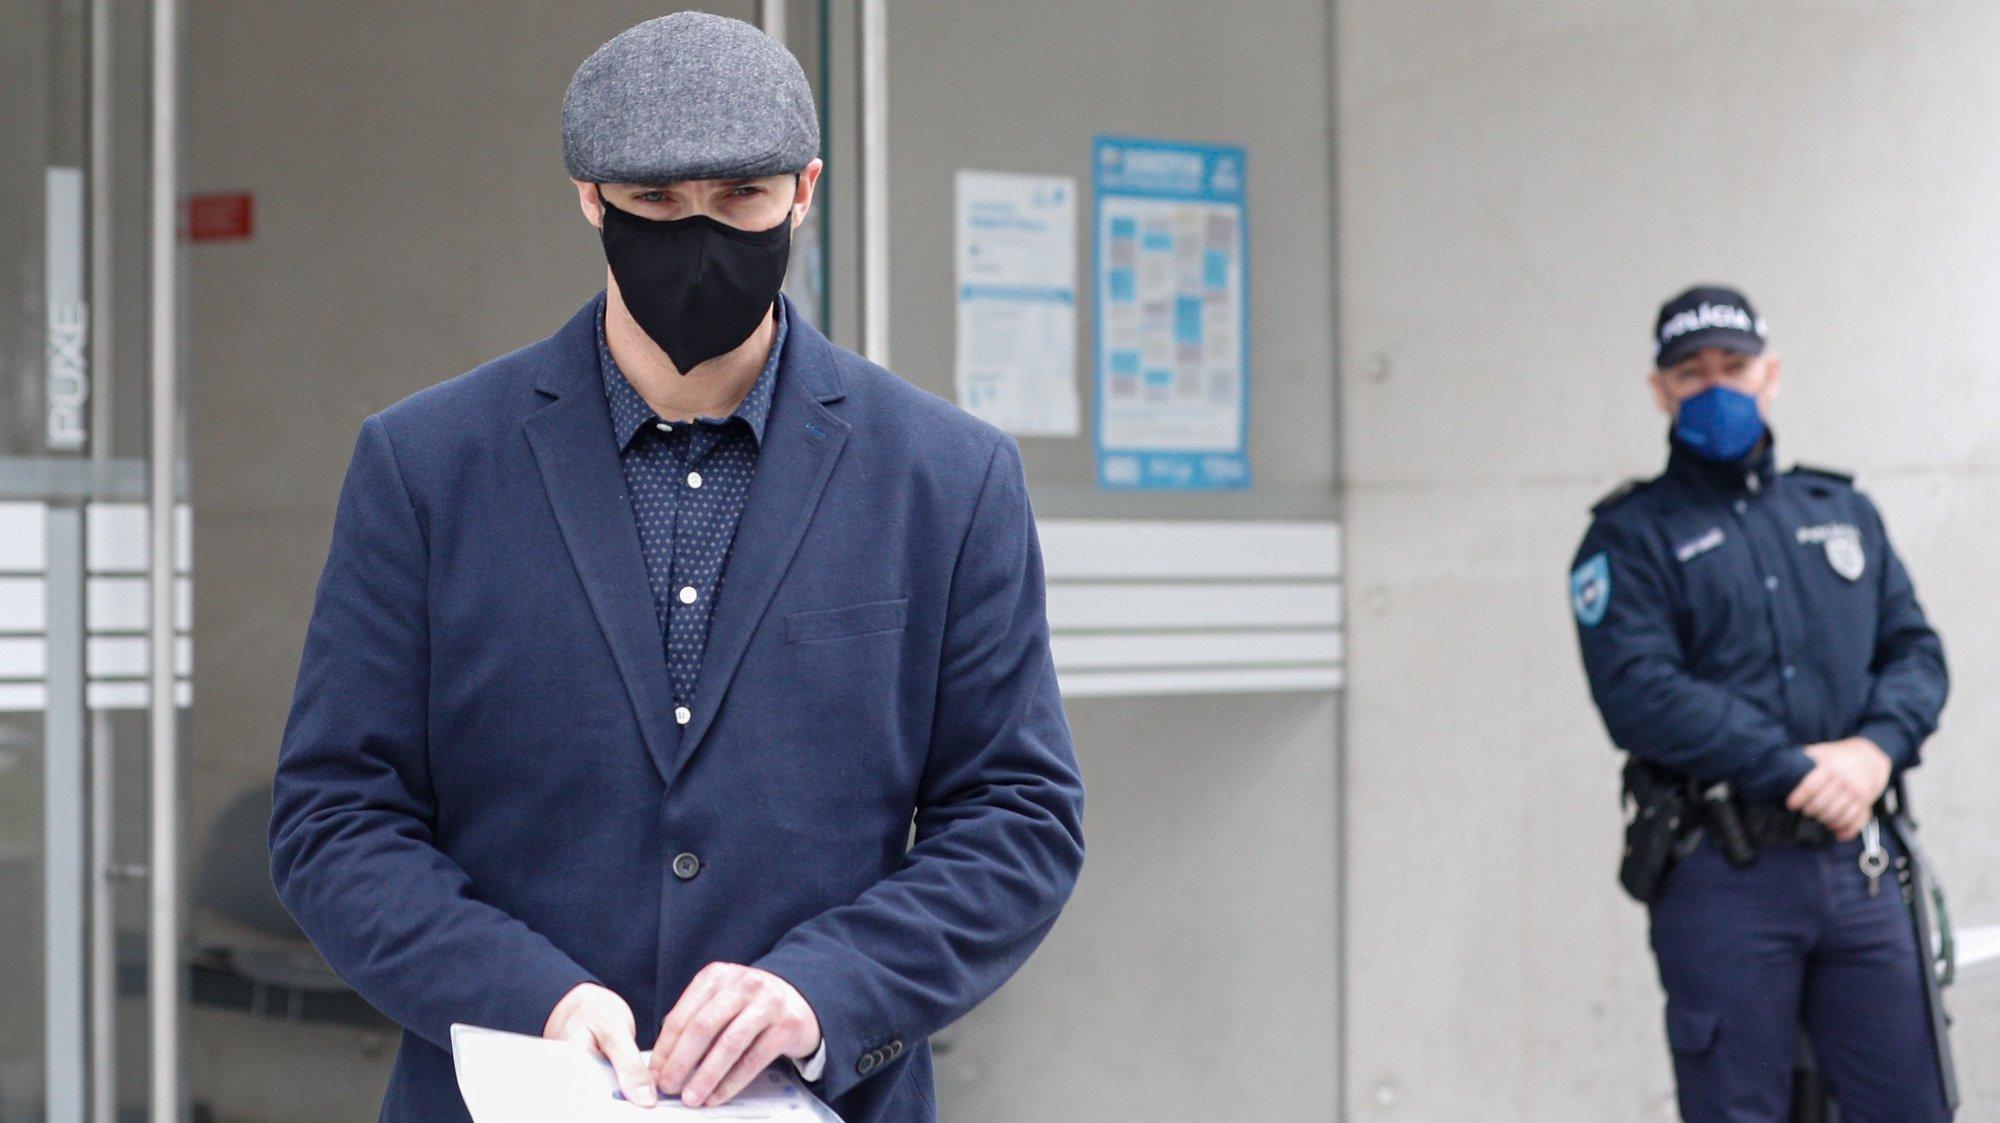 O inspetor do SEF, Bruno Sousa, à saída do julgamento dos três inspetores do Serviço de Estrangeiros e Fronteiras (SEF)  julgados pela  morte por espancamento de Ihor Homeniuk, Lisboa, 02 de fevereiro de 2021. Os arguidos estão acusados de homicídio qualificado, punível com penas de até 25 anos de prisão. O crime terá ocorrido a 12 de março, dois dias após o cidadão do Leste ter sido impedido de entrar em Portugal, alegadamente por não ter visto de trabalho. Após ser espancado, terá sido deixado no chão, manietado, a asfixiar lentamente até à morte. ANTÓNIO COTRIM/LUSA